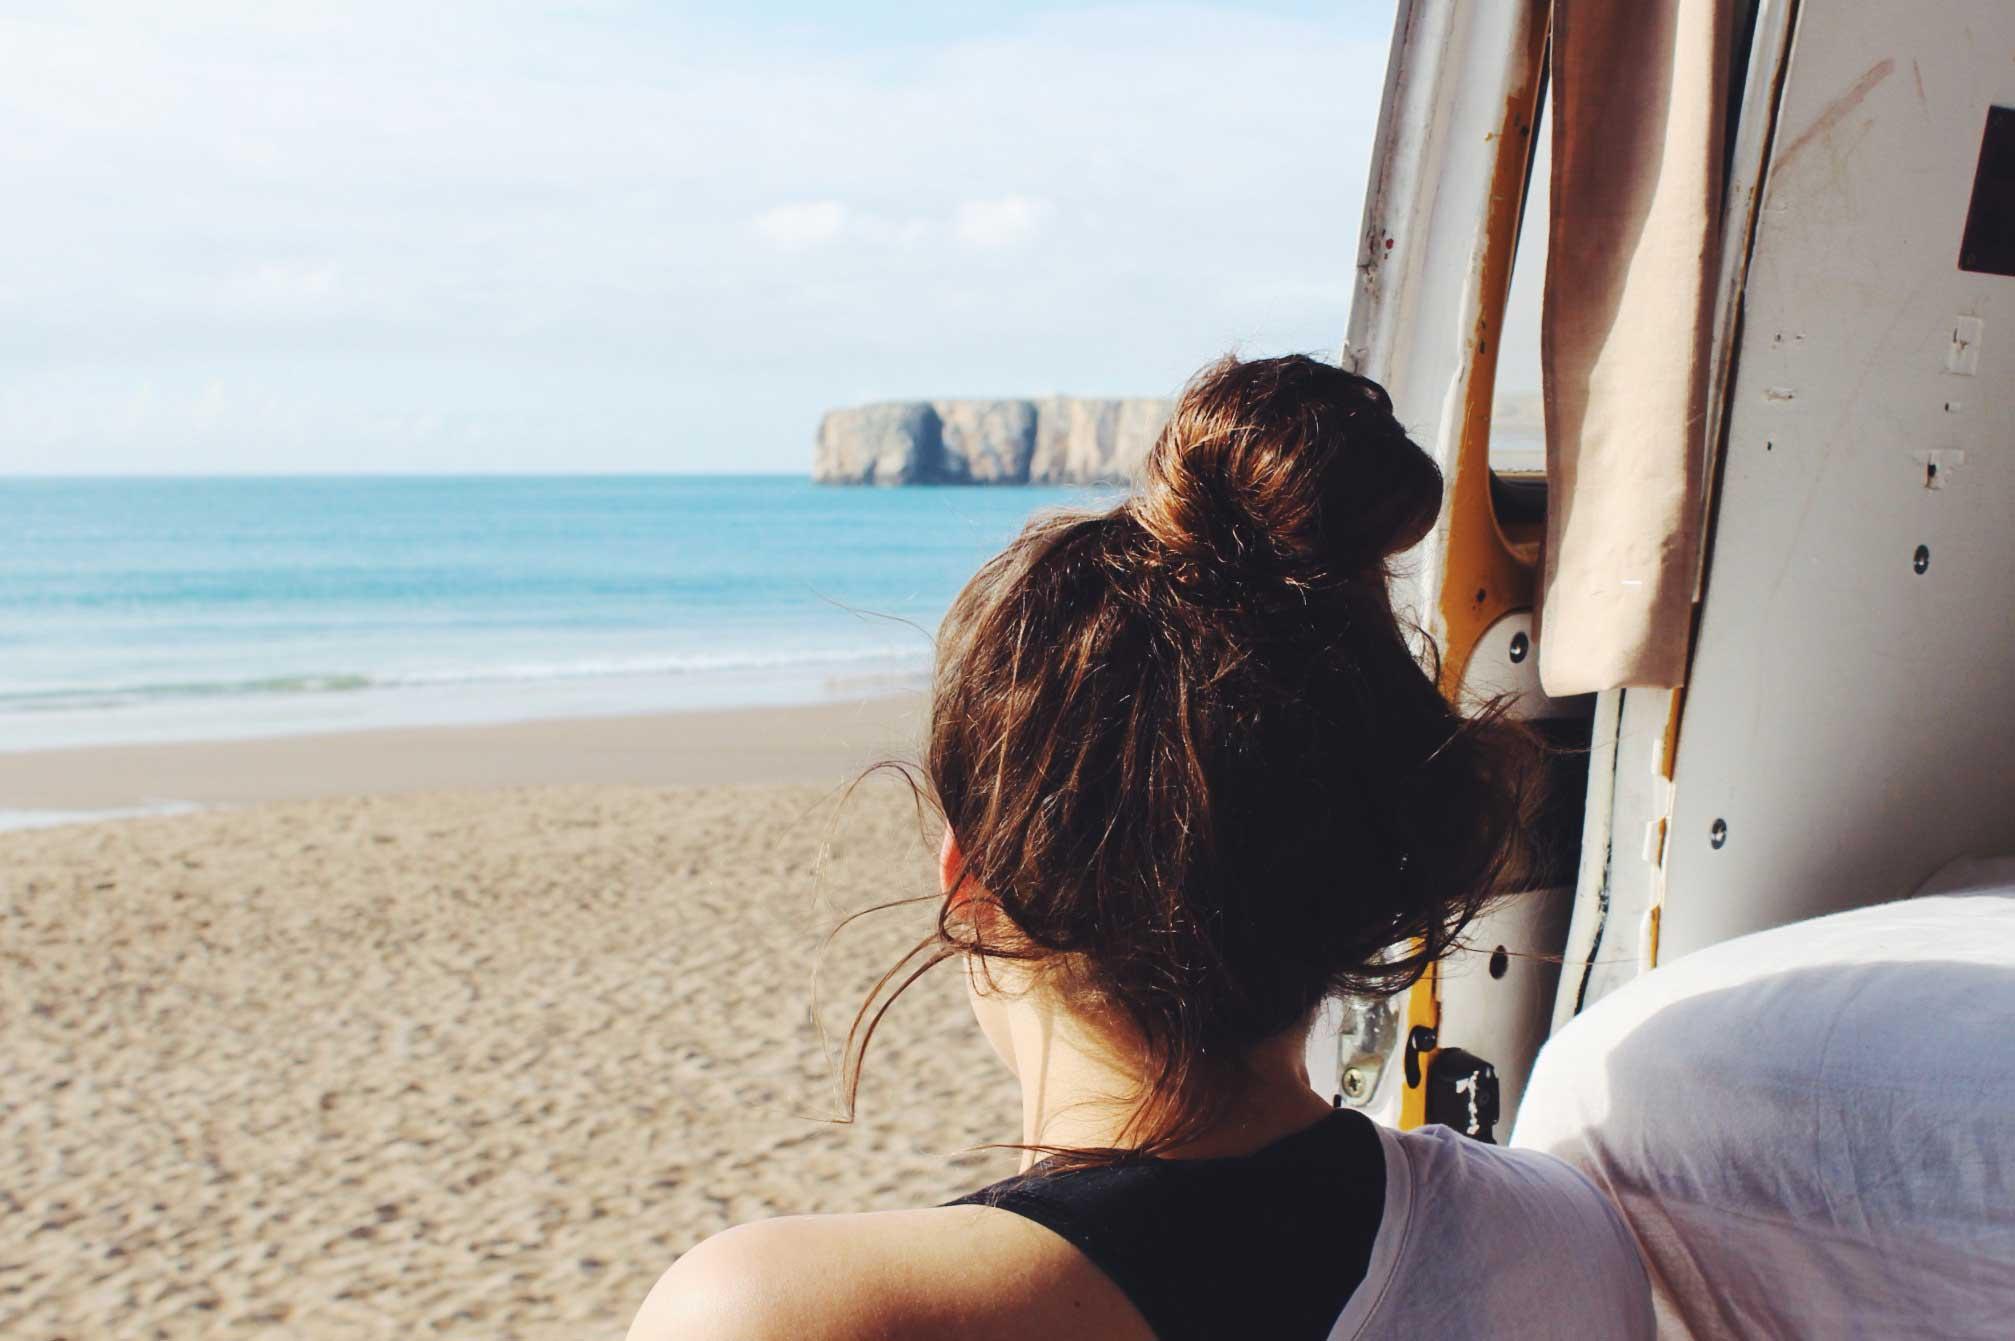 Portugal sieht zwar toll aus, aber was liegt wohl hinterm Horizont?